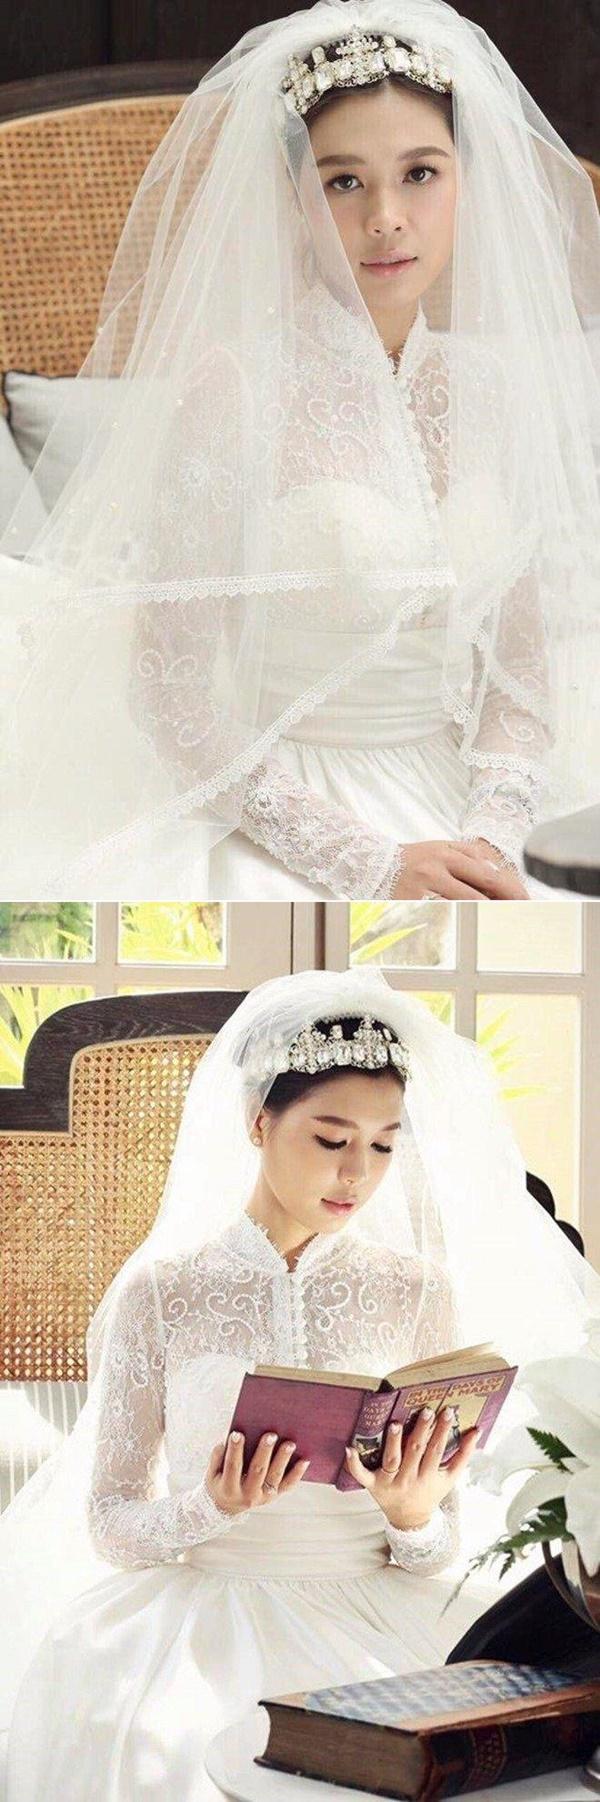 3 MC kết hôn lần 2: Vợ đều cách xa chục tuổi, đẹp không thua Hoa hậu - người mẫu-11